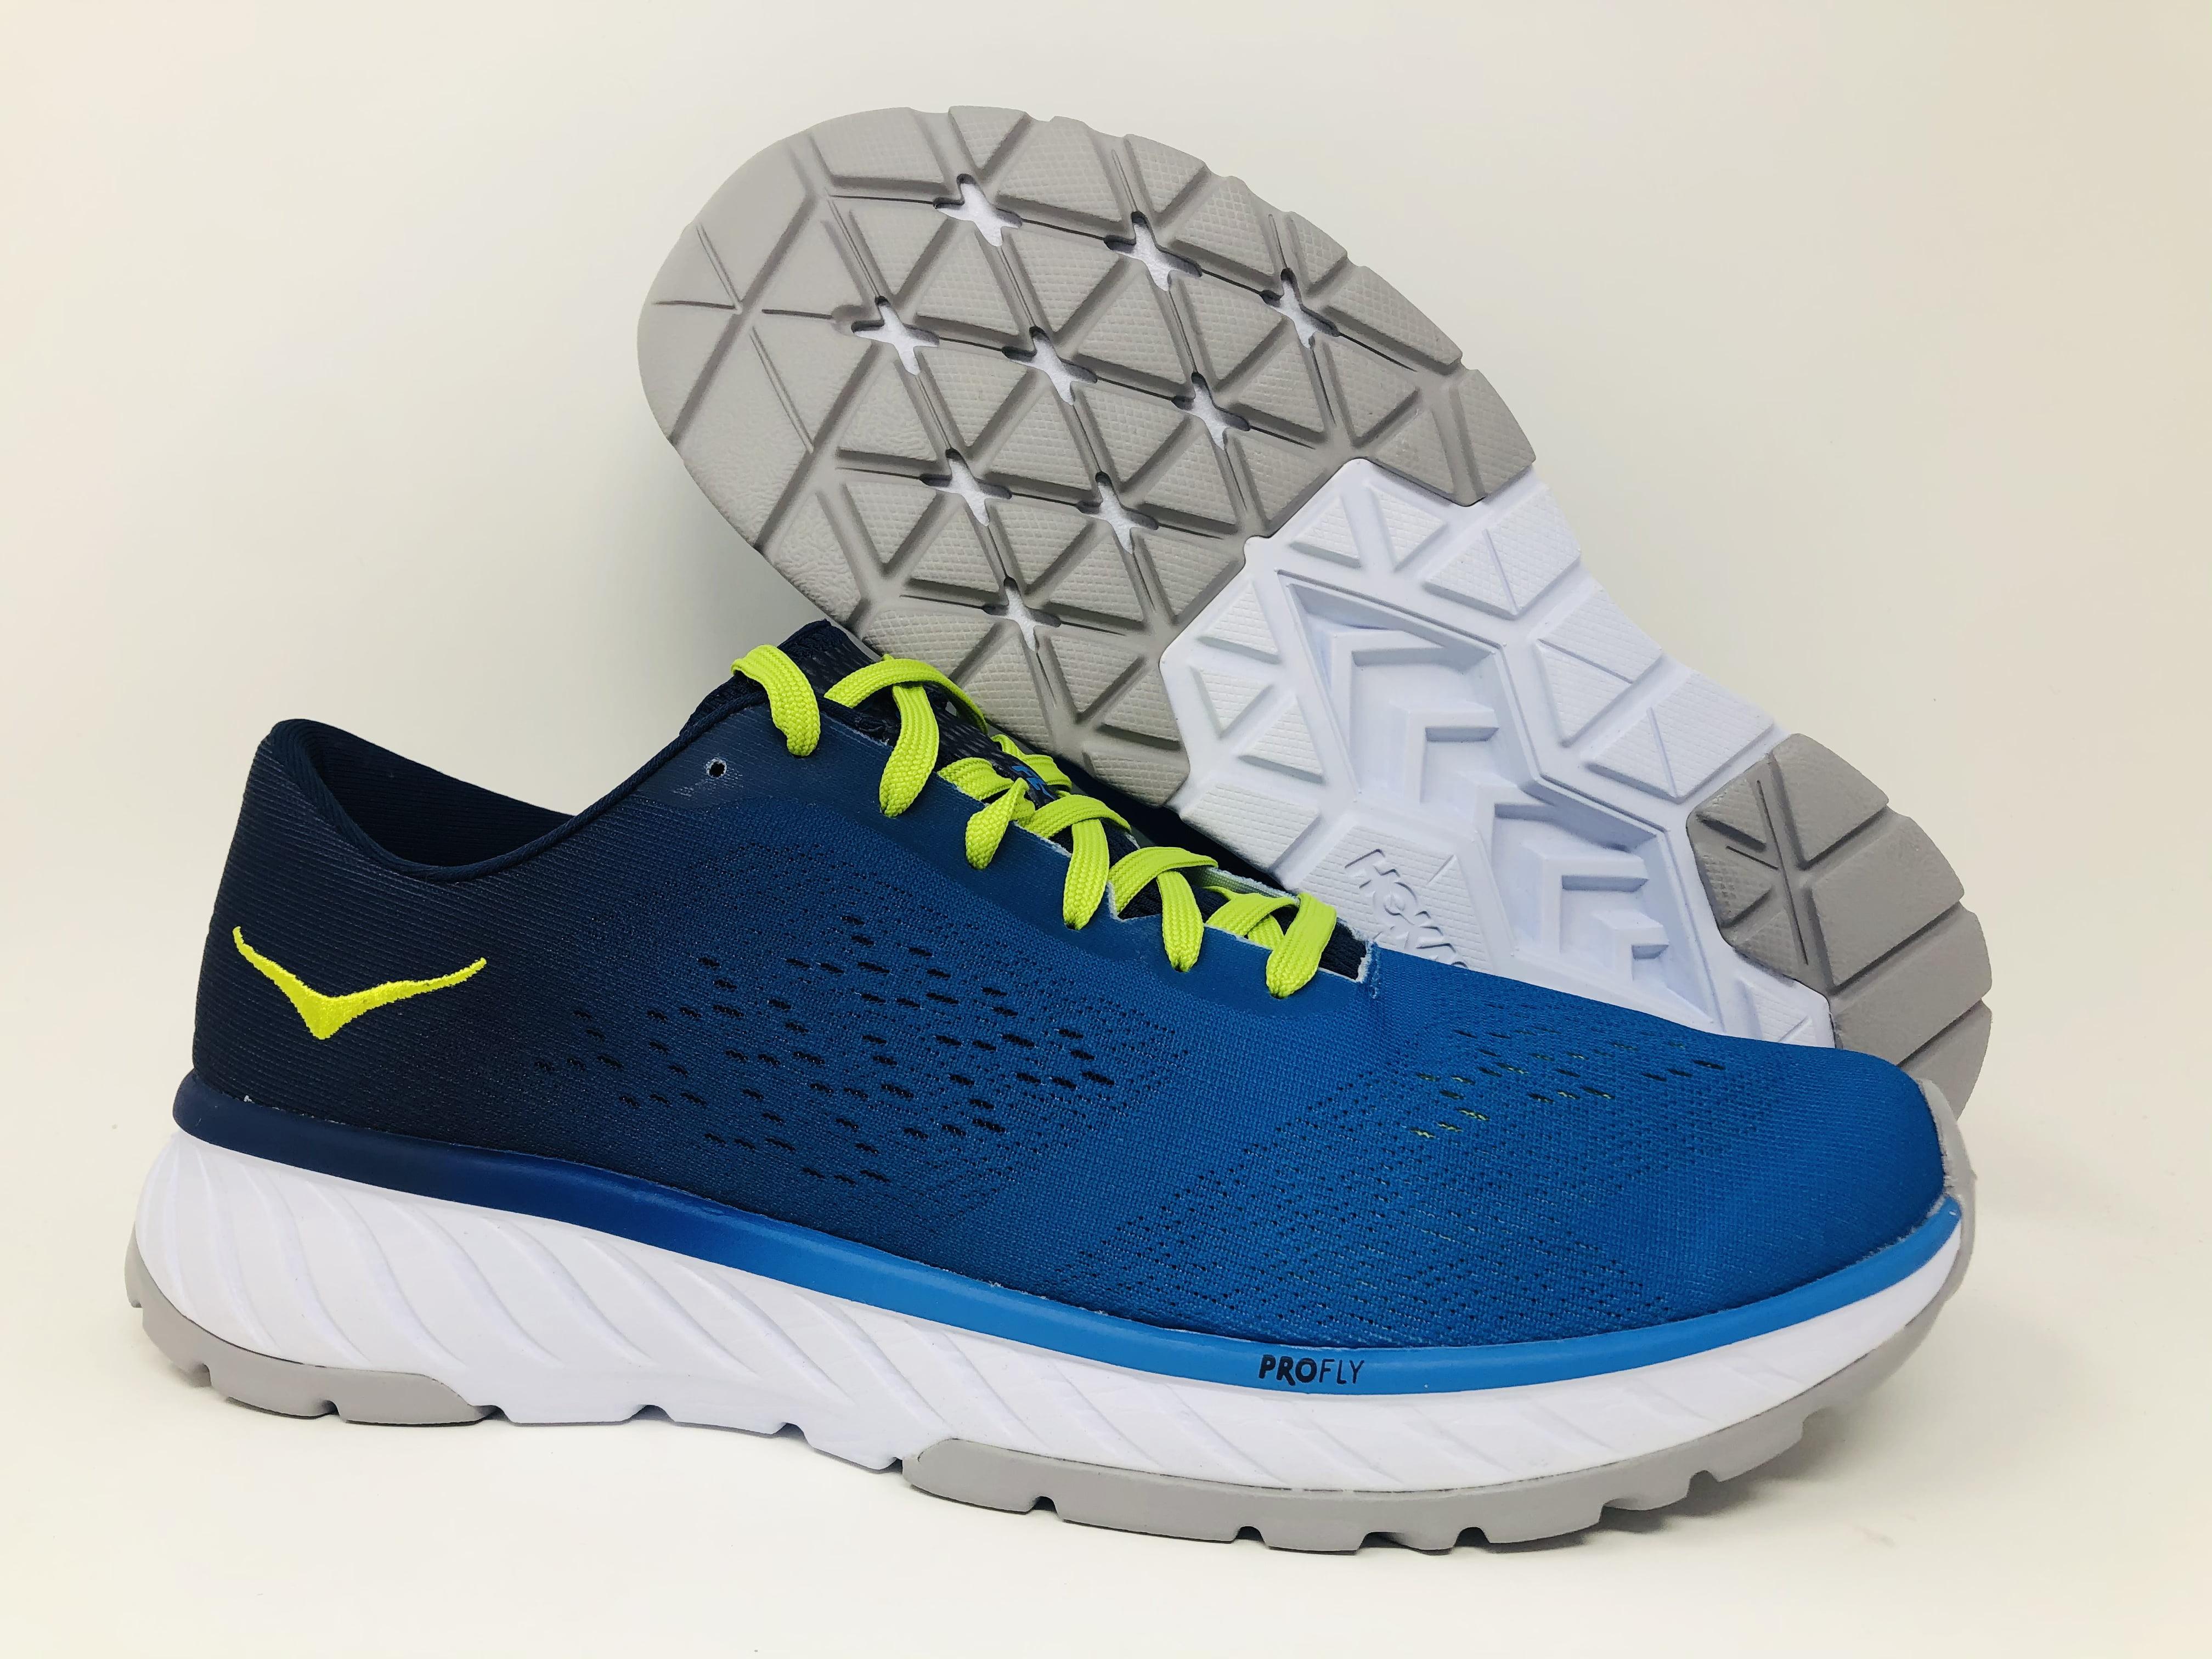 Hoka One One Men's Cavu 2 Running Shoe